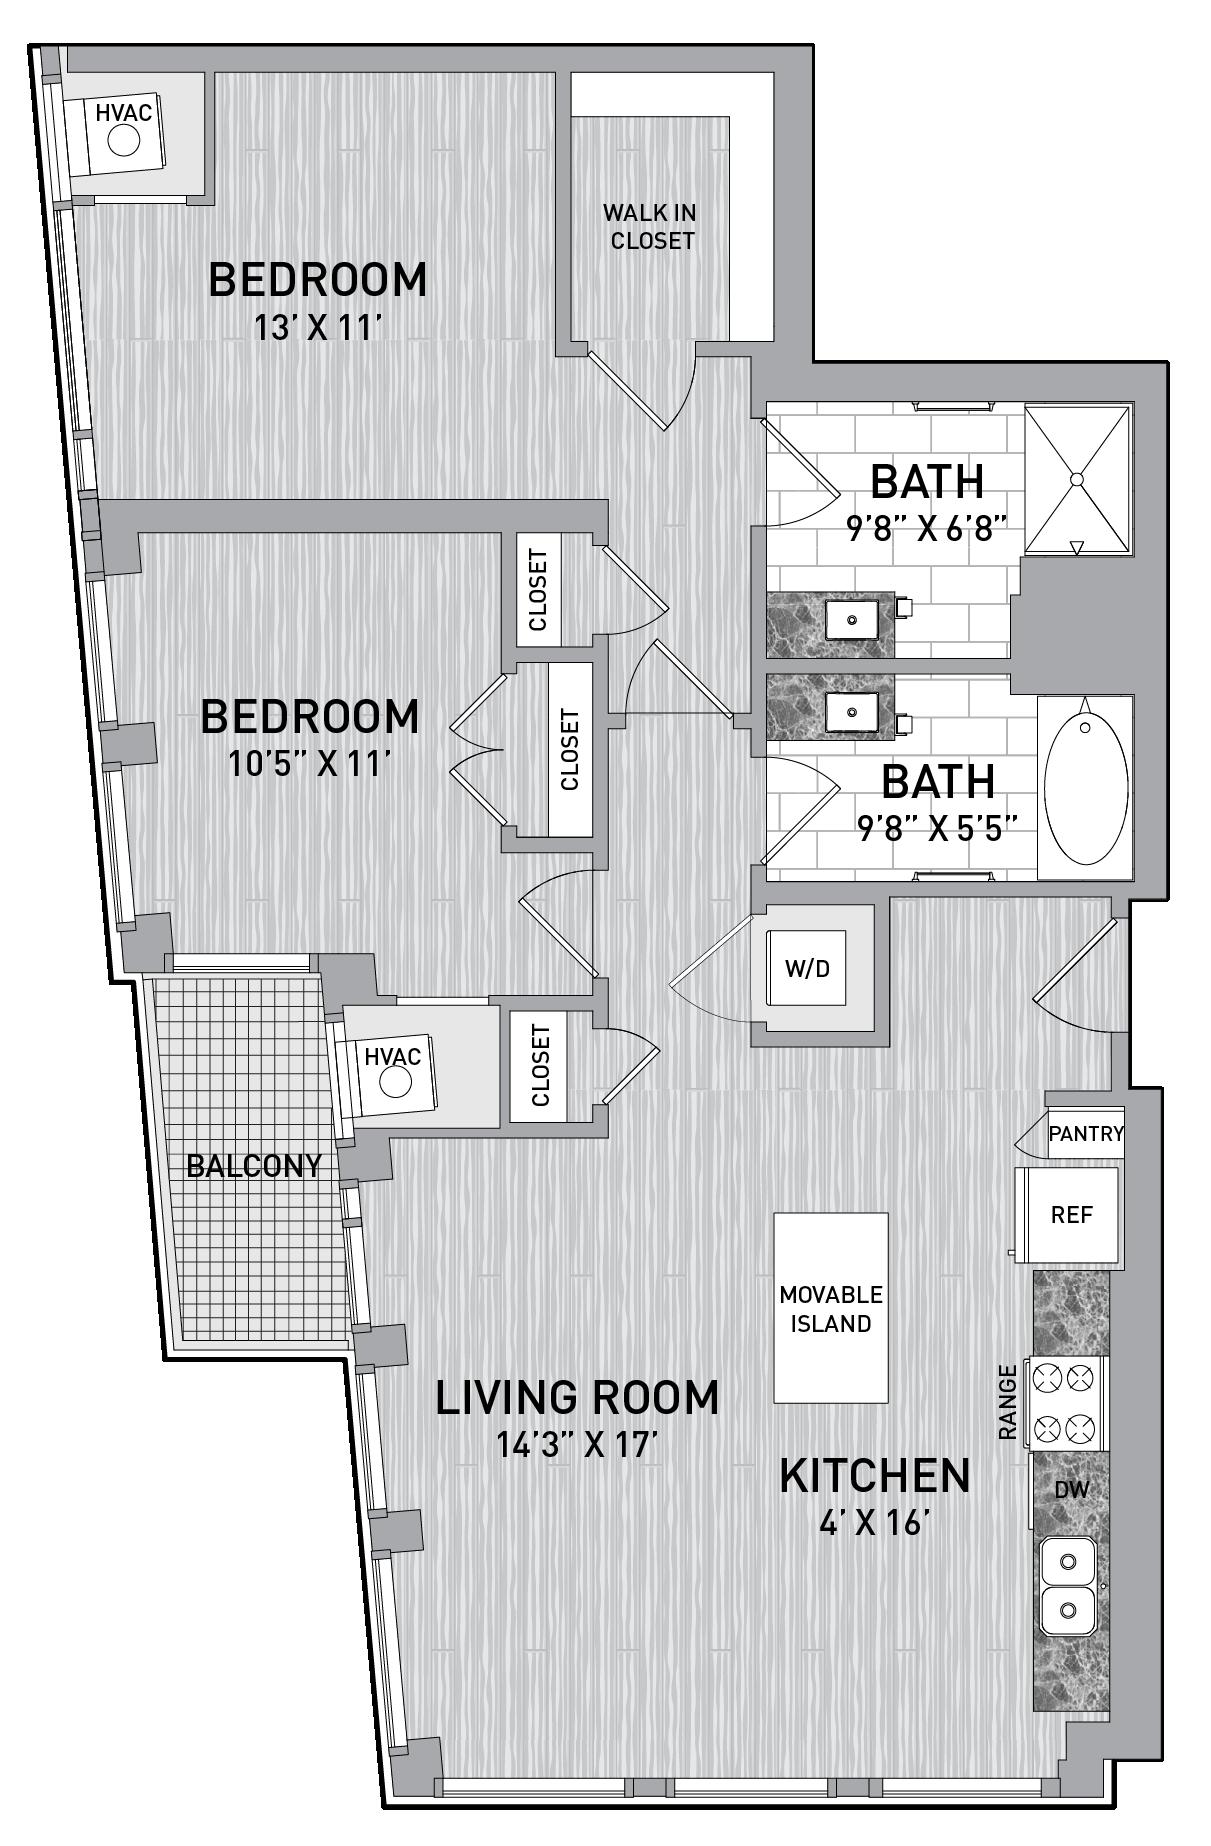 floorplan image of unit id 0502